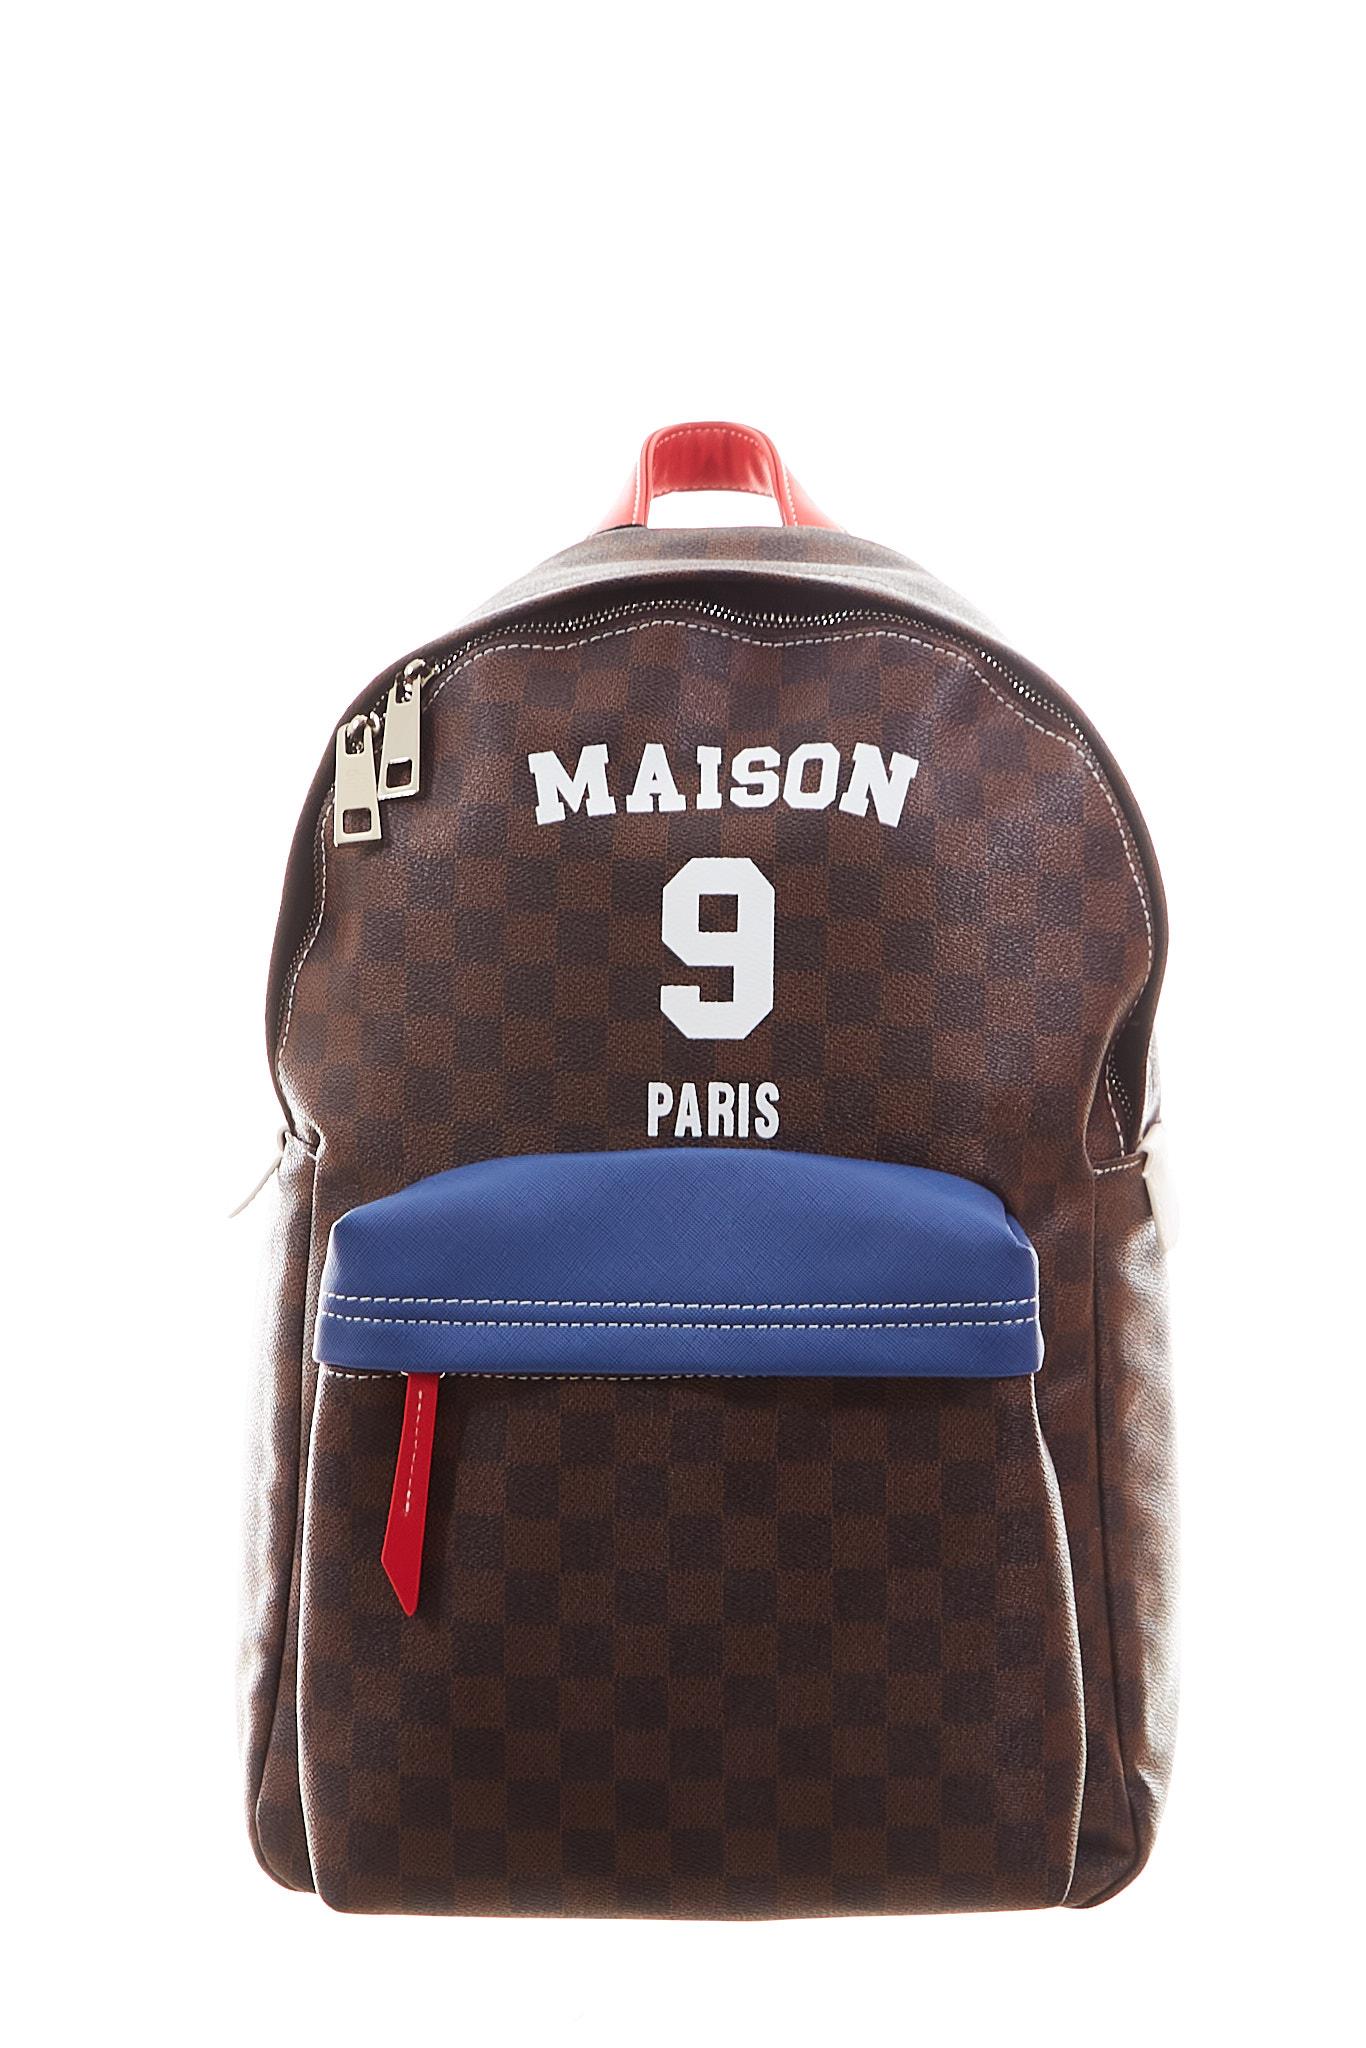 Zaino Philippe Maison 9 Paris MAISON 9 PARIS | Zaino | PHILIPPEBROWN